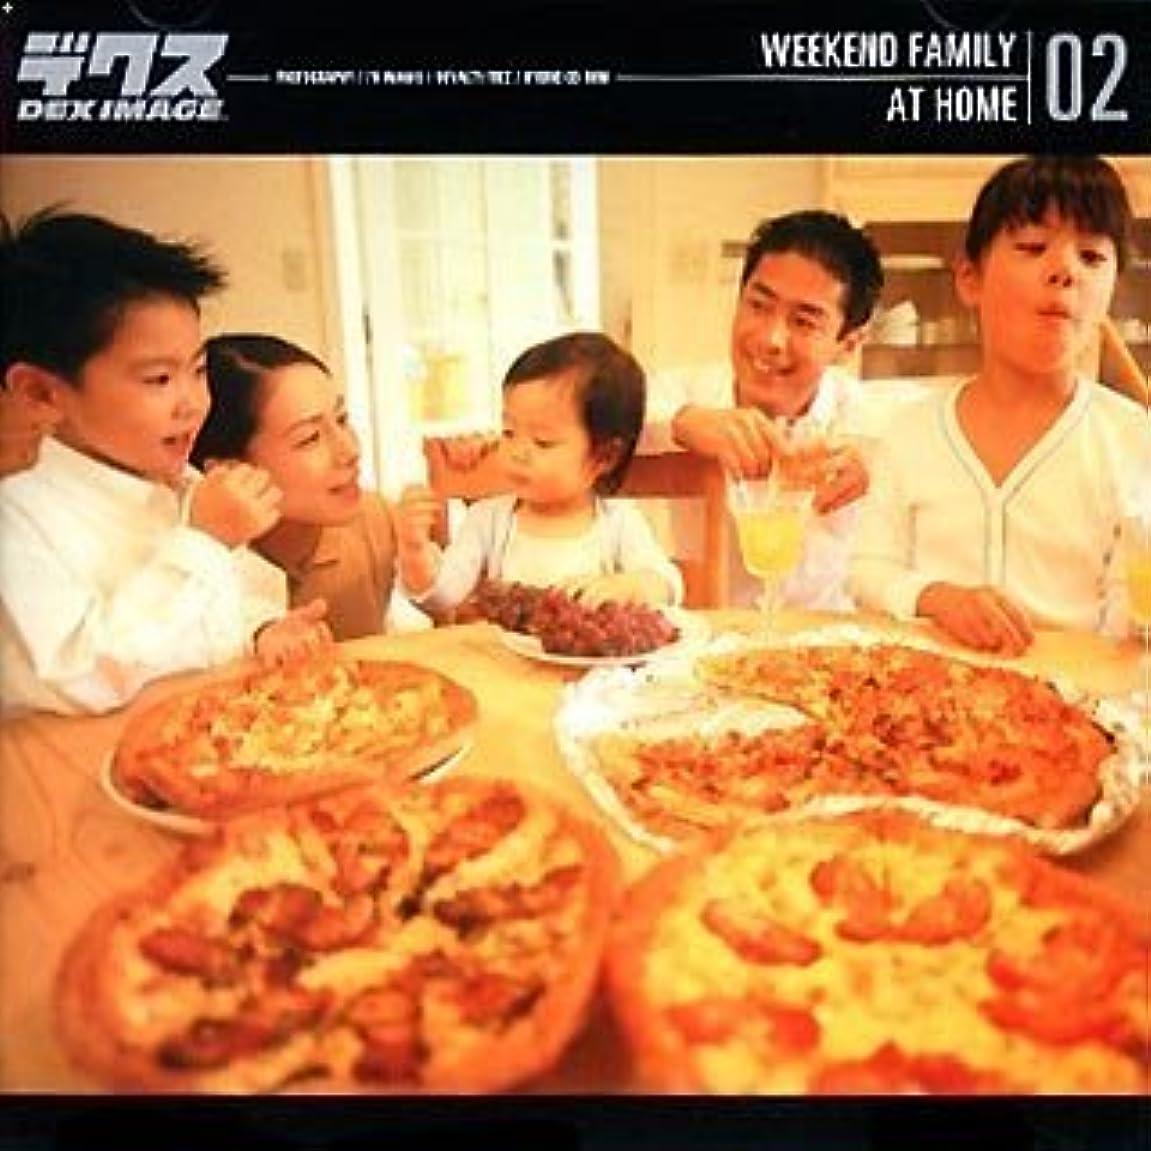 習慣四回清めるWeekend Family 02 At Home